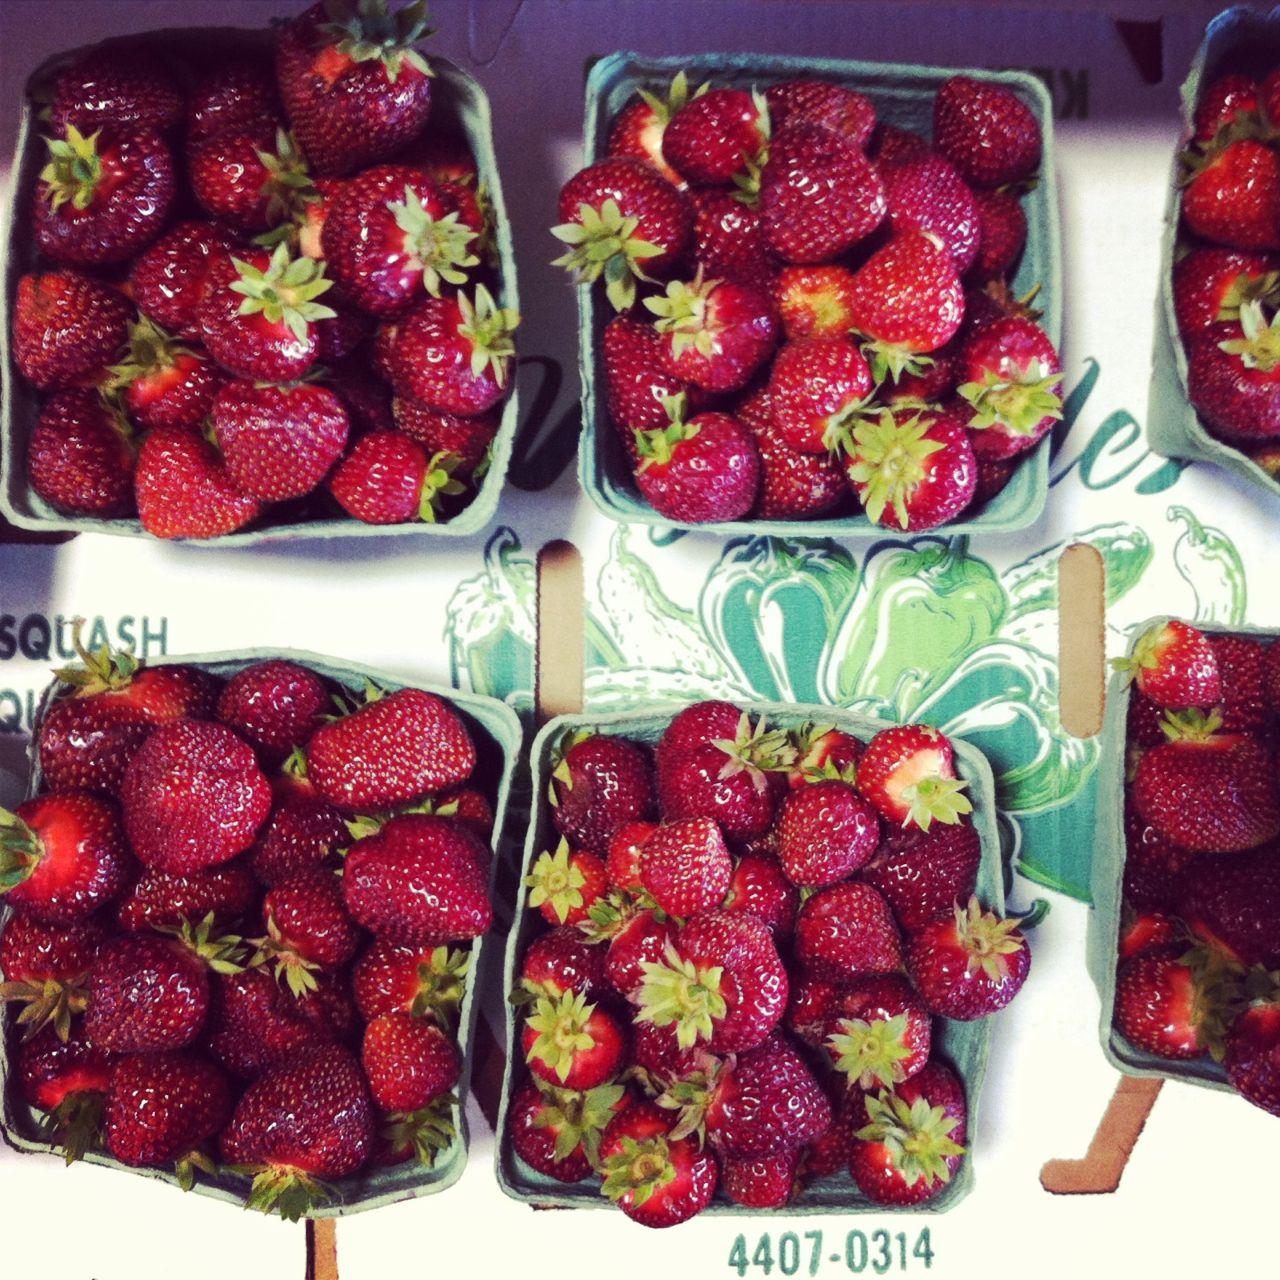 2013-06-26-strawberries.jpg